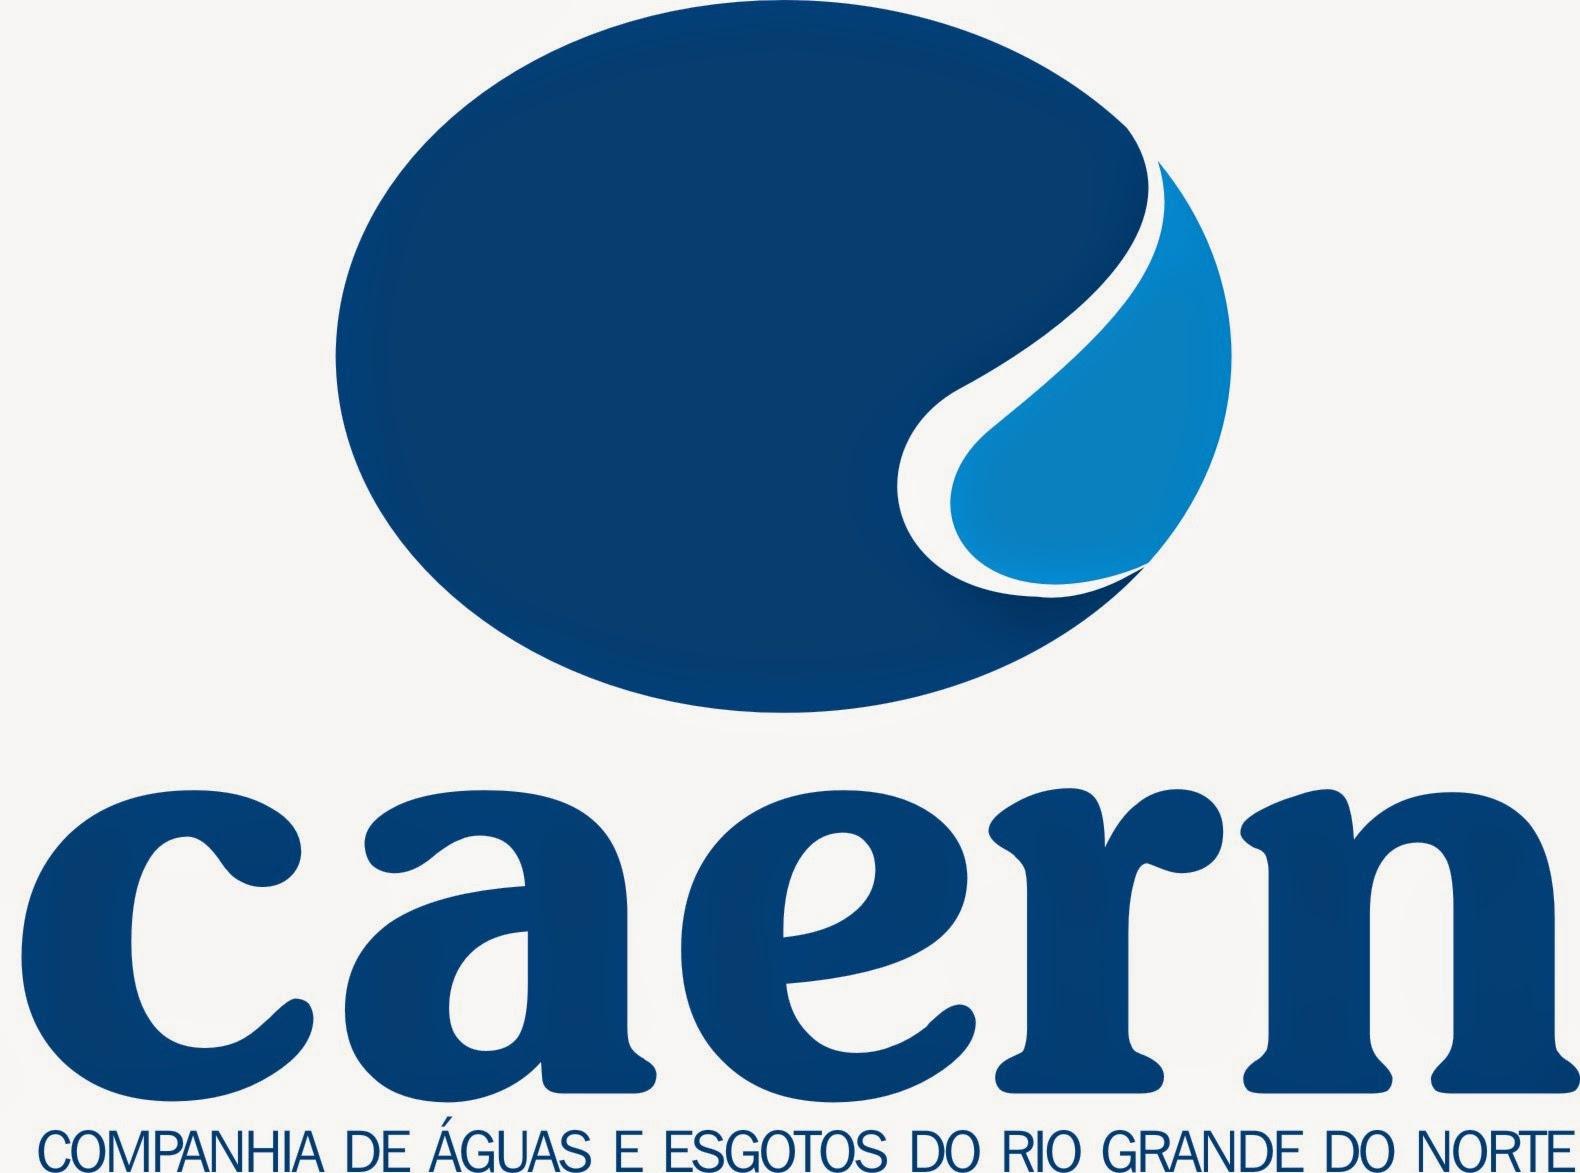 Caern divulga resultado sobre qualidade da água em escola de São Gonçalo do Amarante